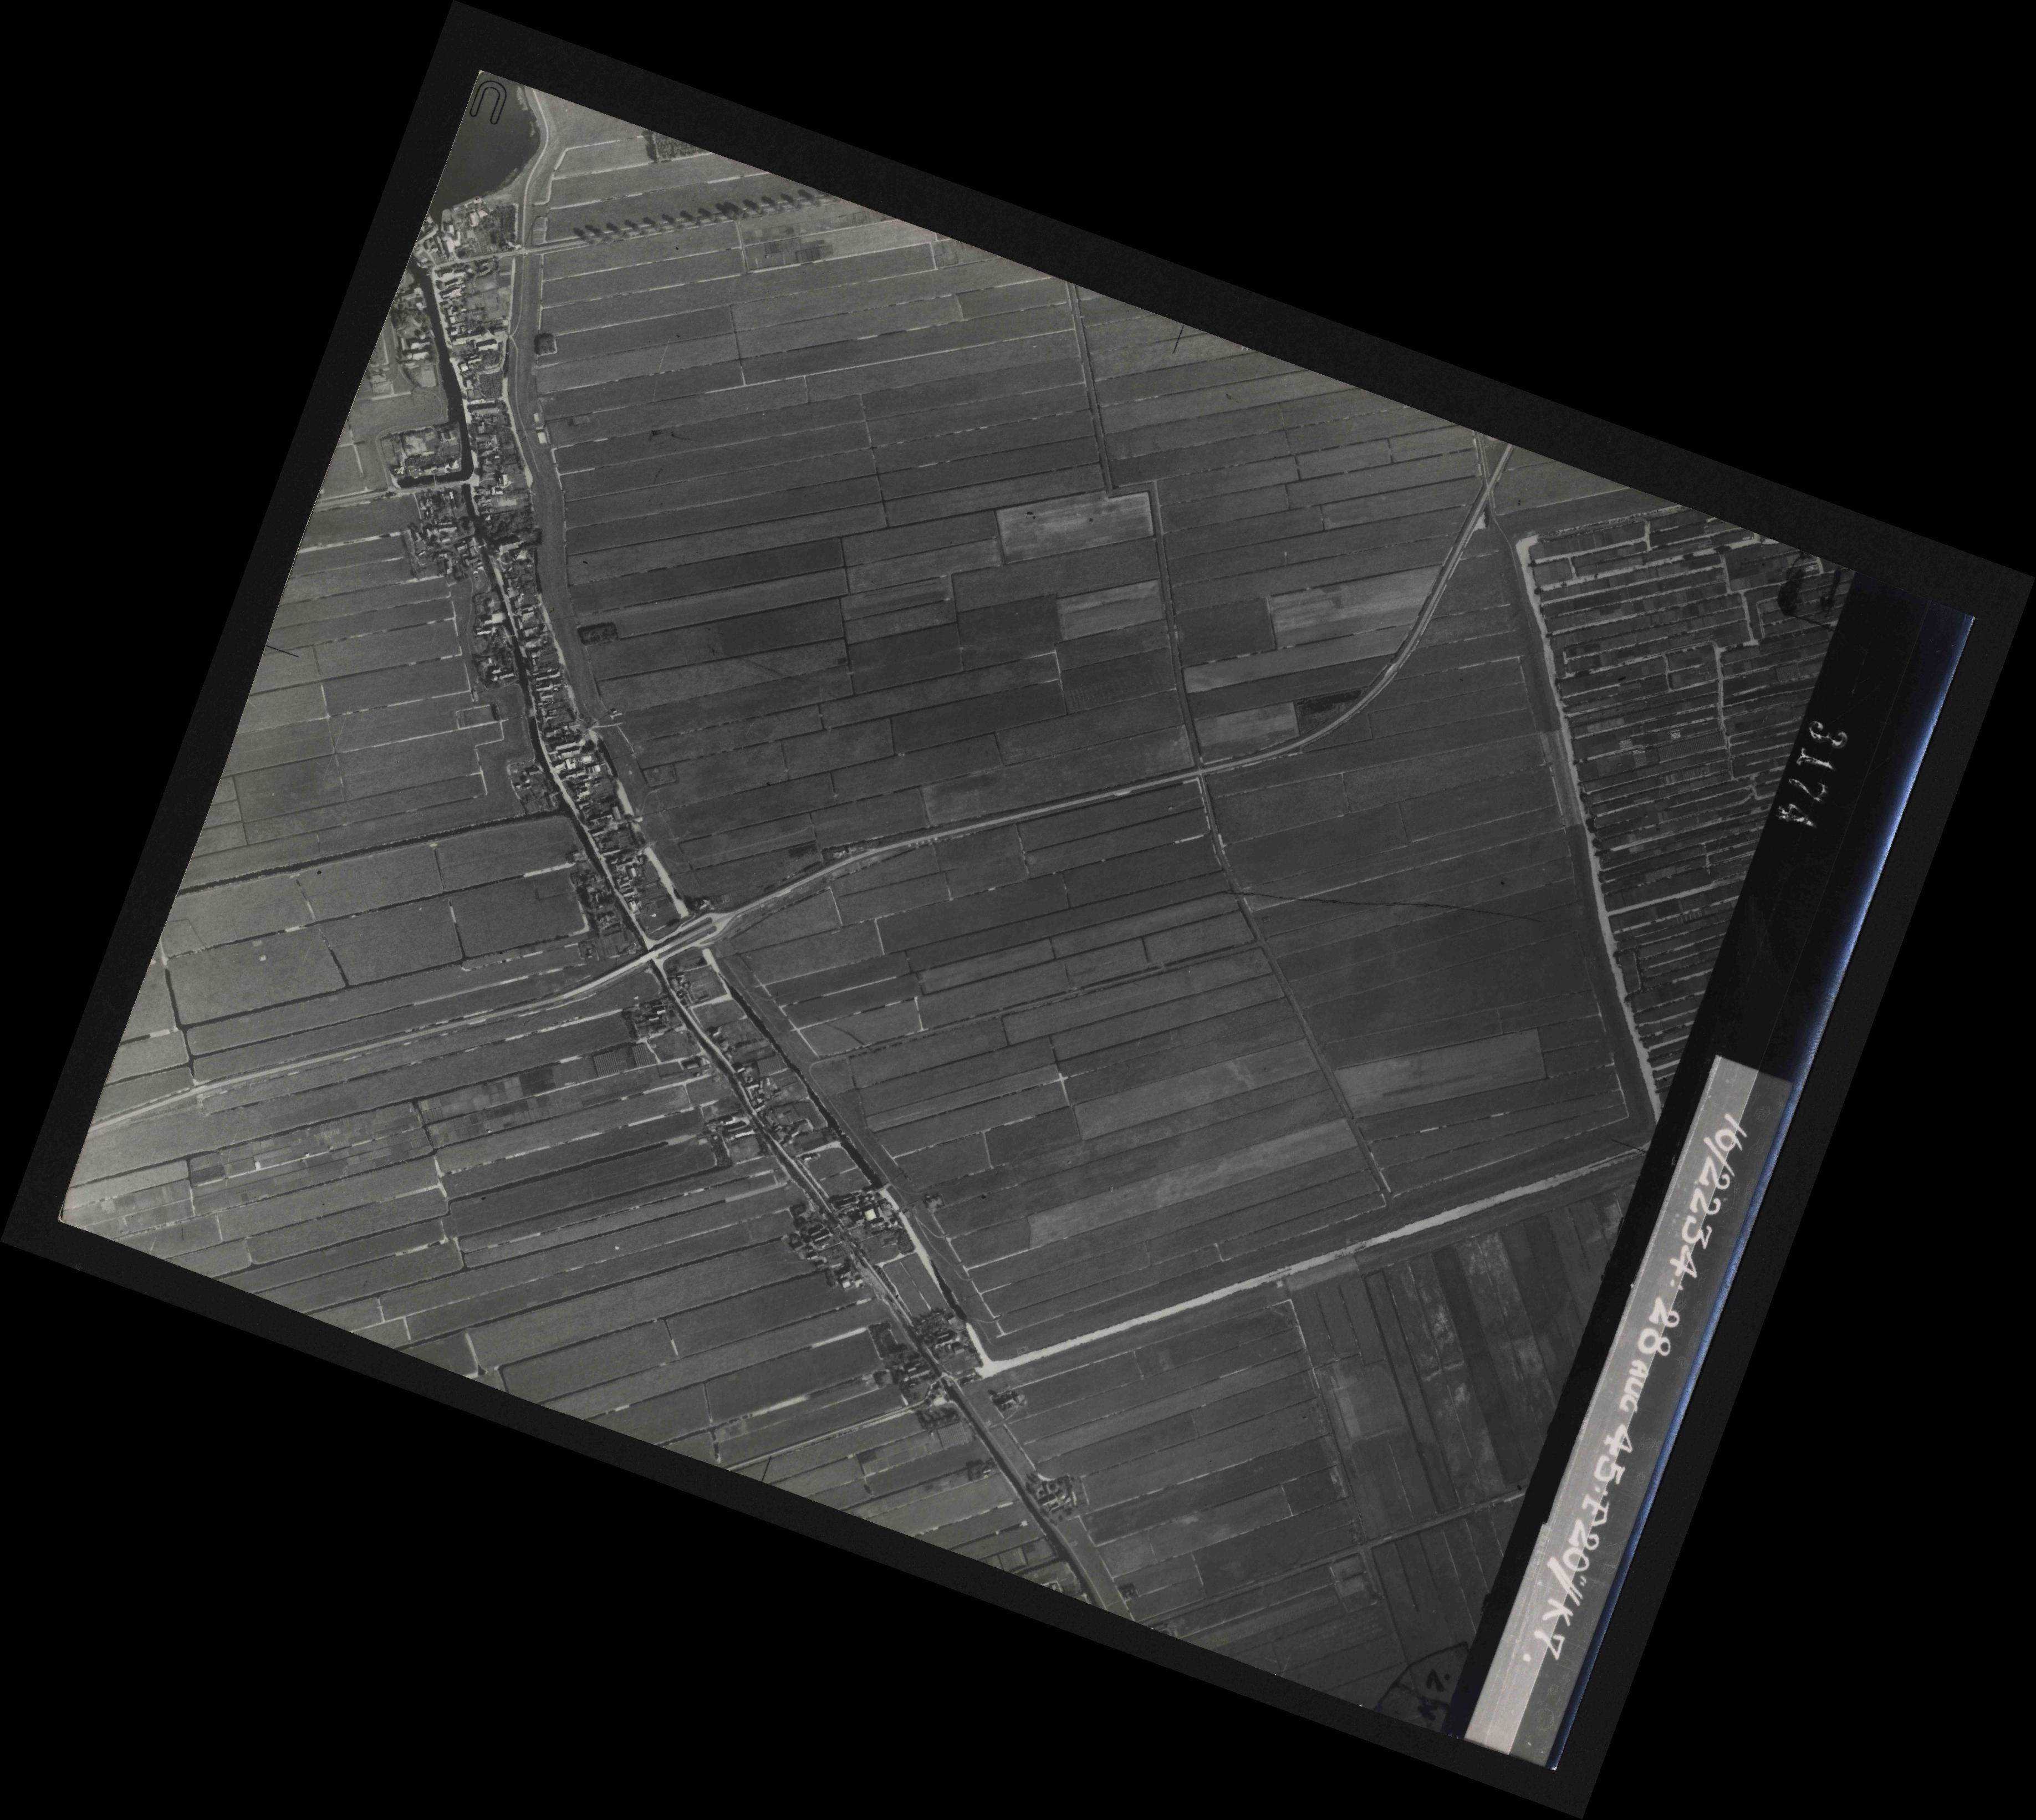 Collection RAF aerial photos 1940-1945 - flight 031, run 02, photo 3174